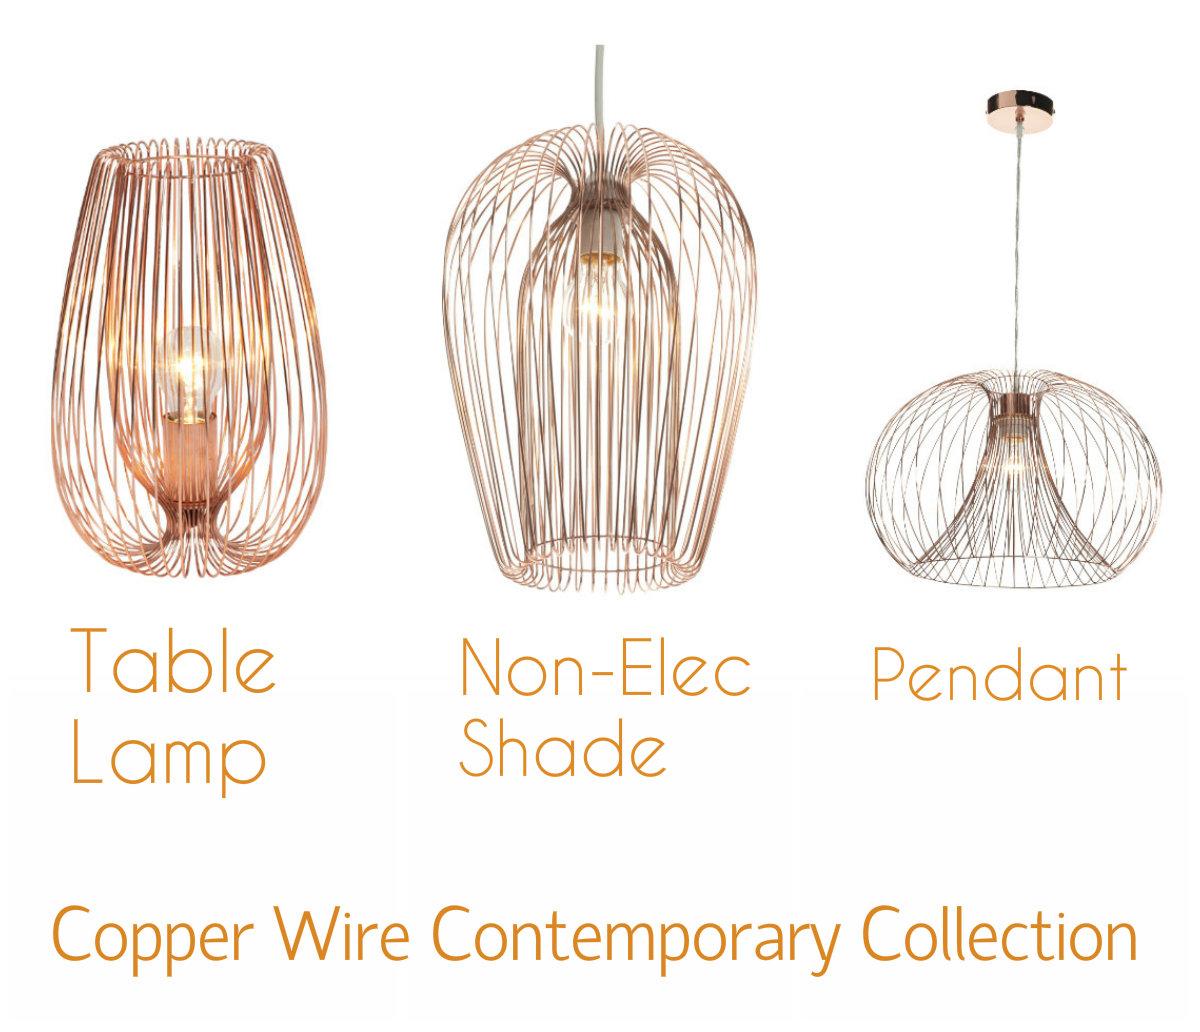 Modern copper metal wire lights table lamp pendant shade item specifics keyboard keysfo Gallery